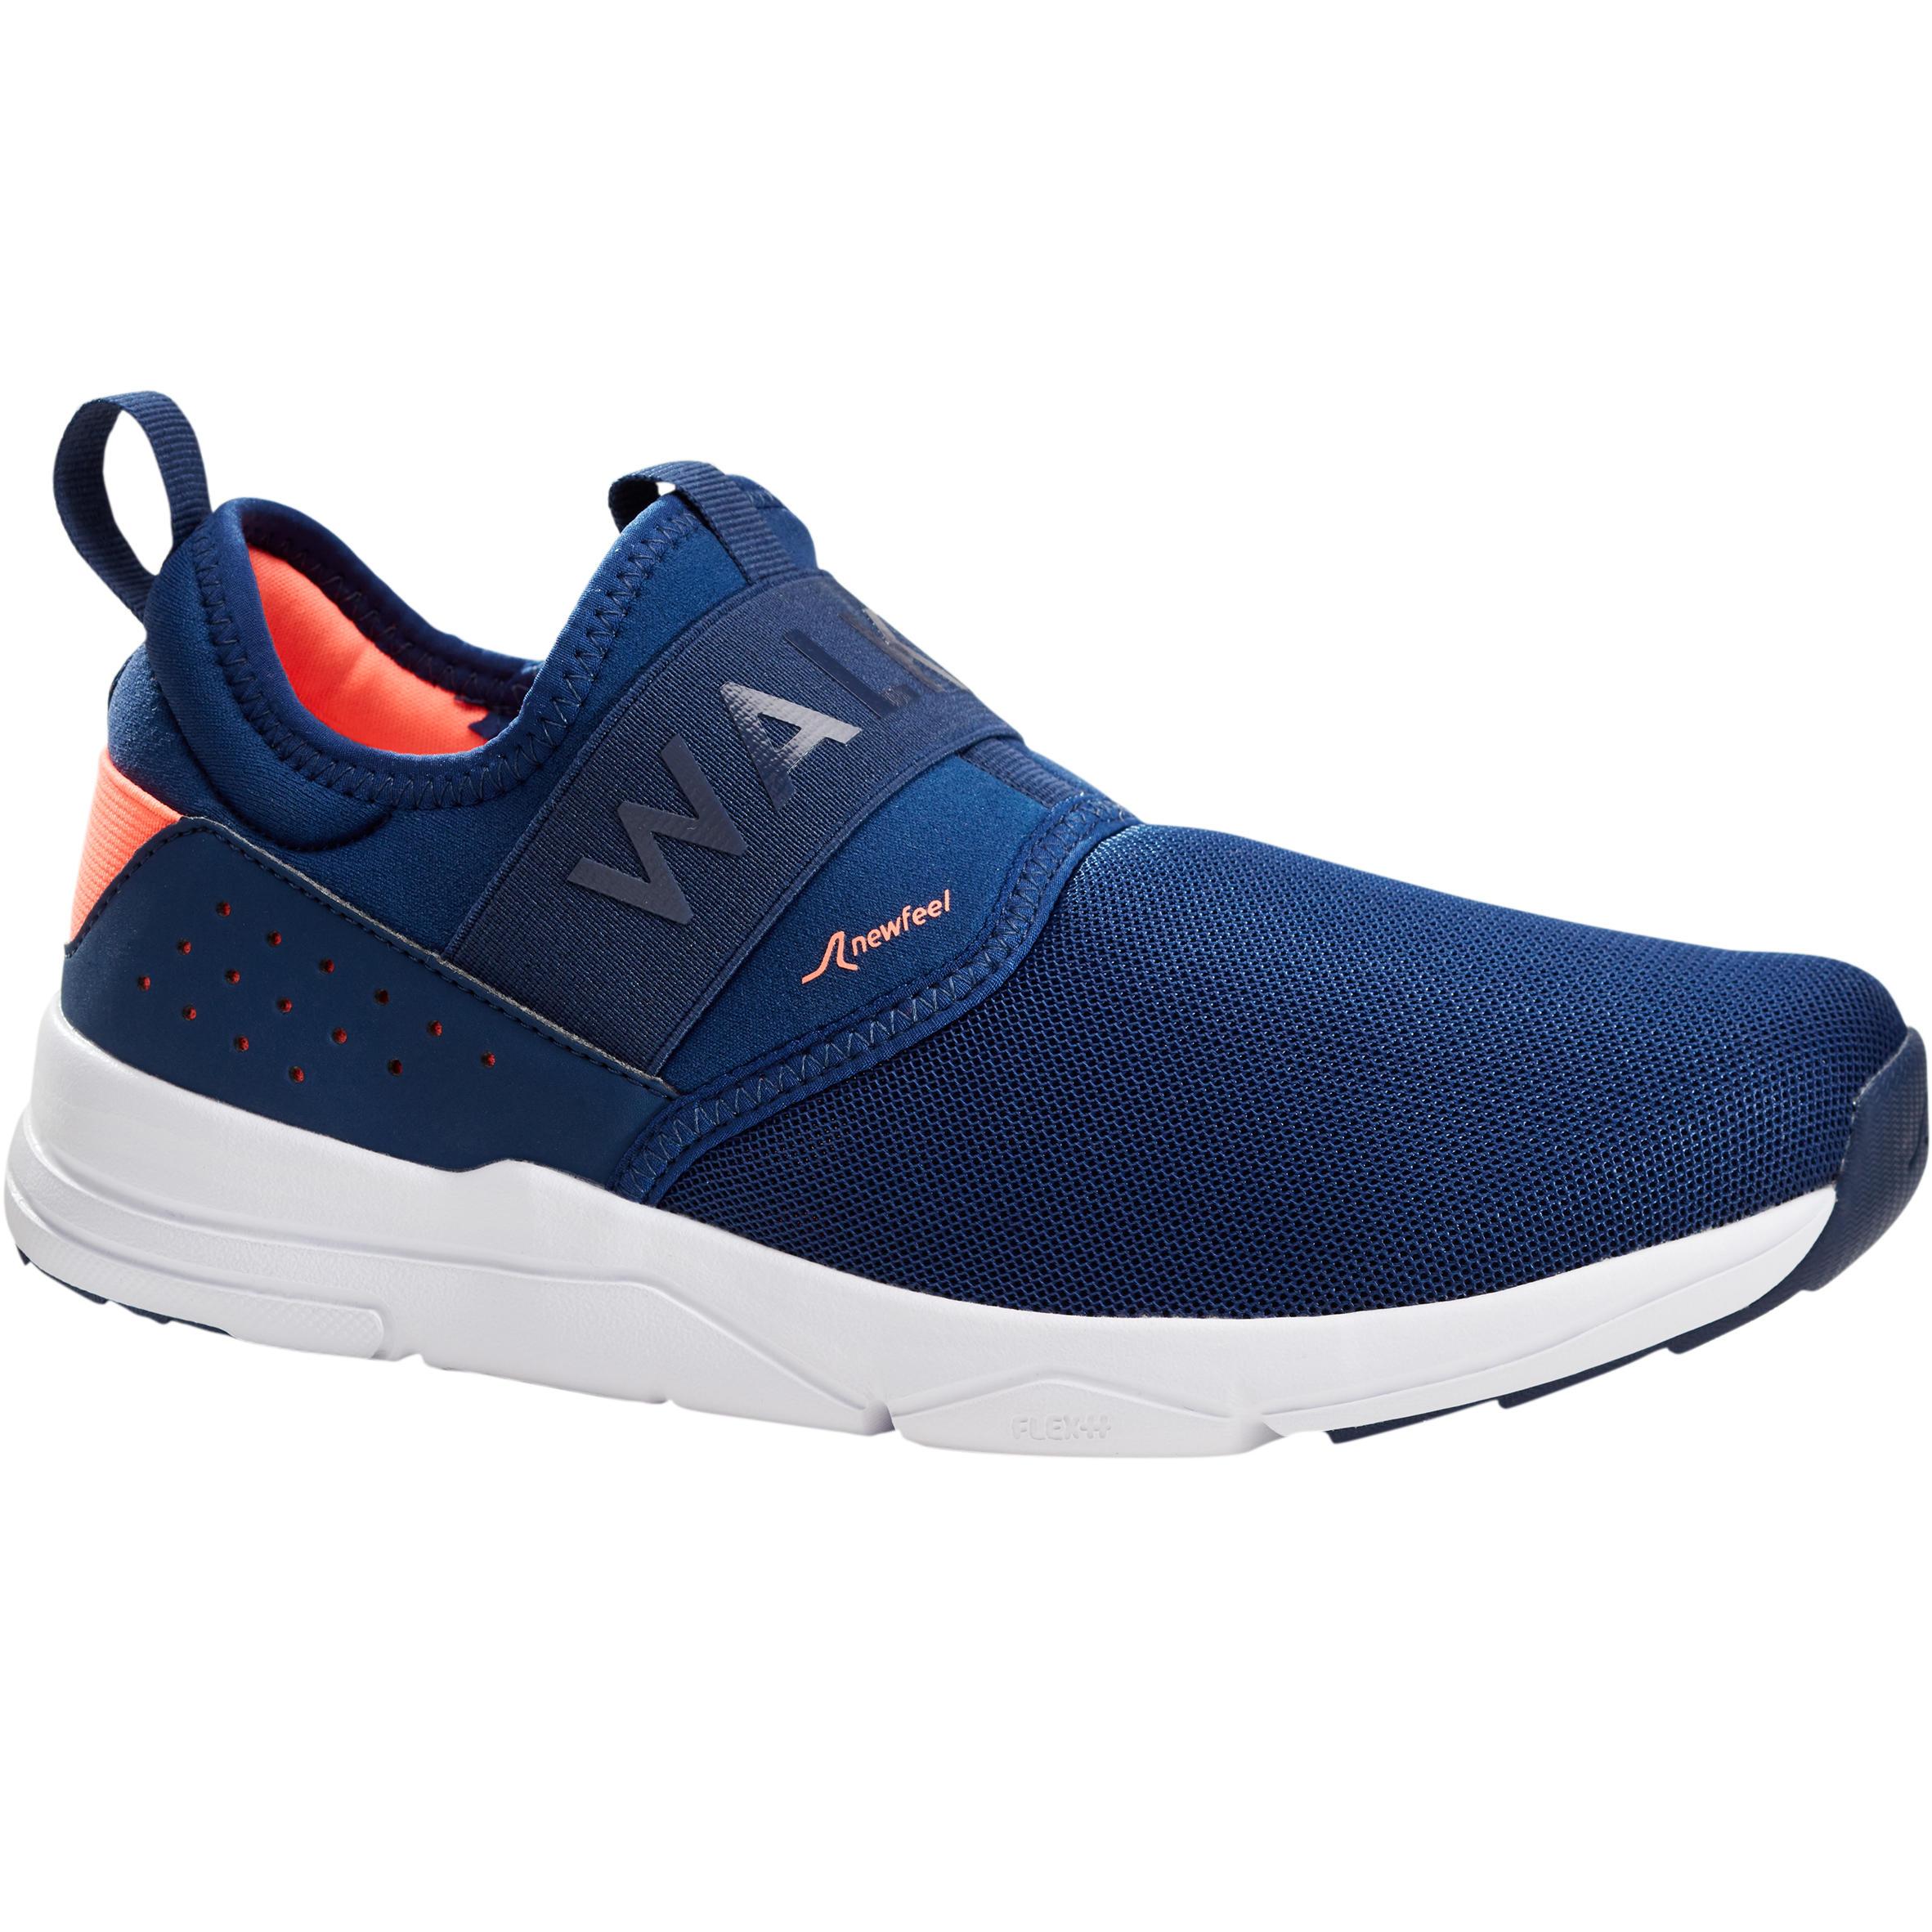 Newfeel Damessneakers voor sportief wandelen PW160 Slip-On marineblauw